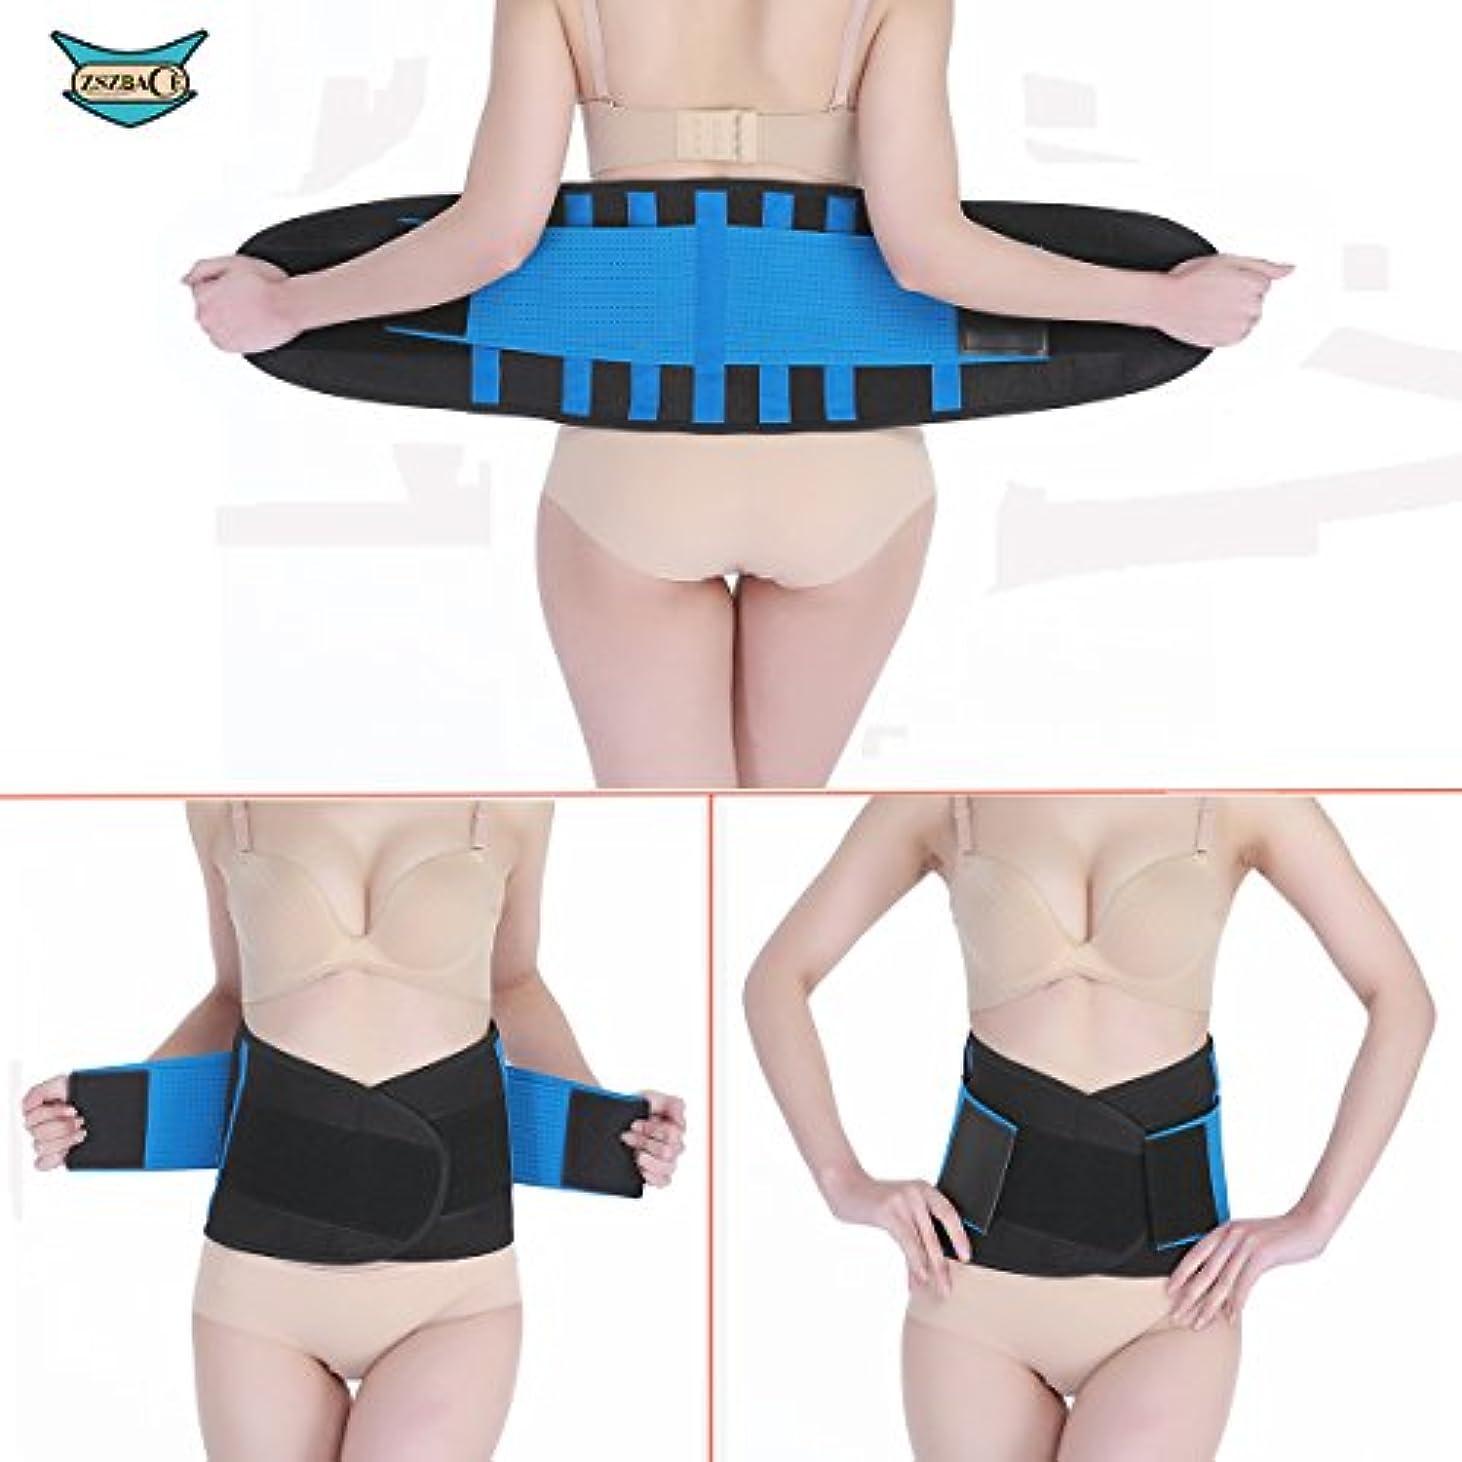 ねじれ接続されたシリーズ腰サポーター 骨盤ベルト 幅広タイプで固定力抜群 腹巻でシェイプアップ 腰保護コルセット (S=長さ約87cm(57cm-70cm))